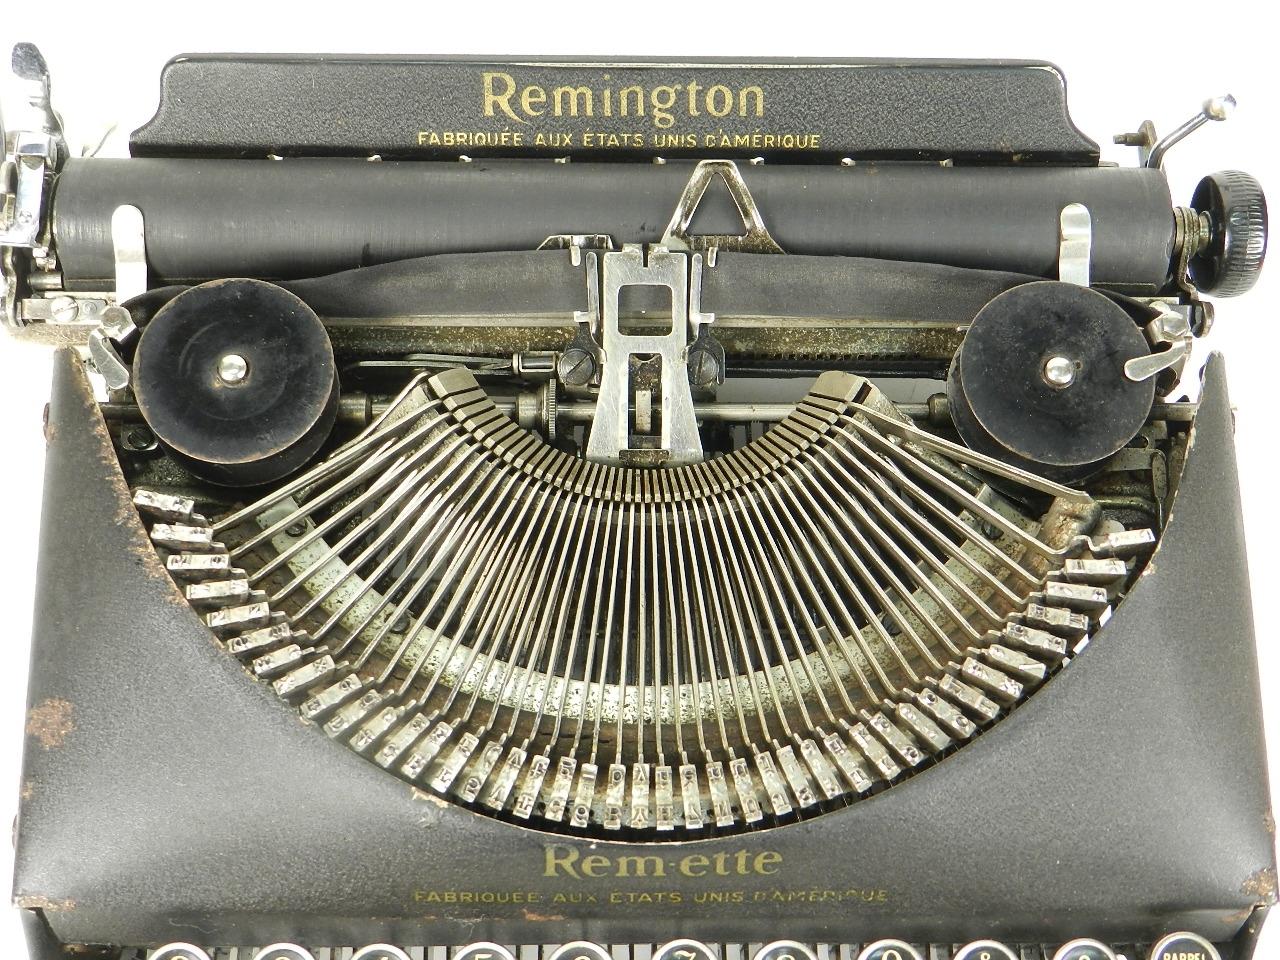 Imagen REMINGTON  REM-ETTE AÑO 1939 30565